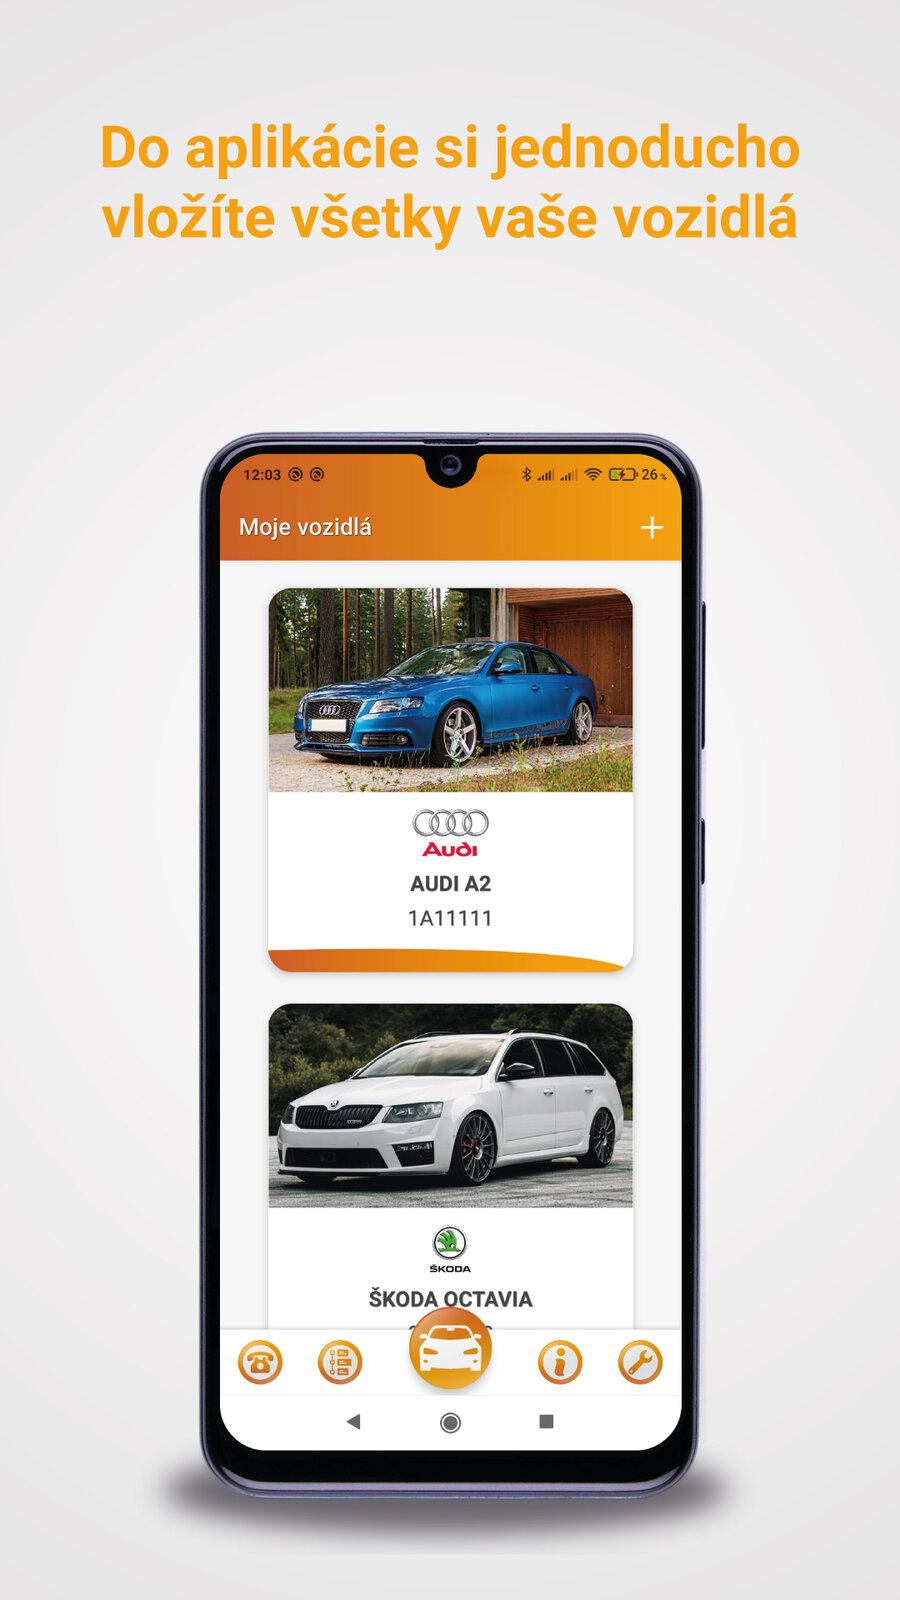 AutoMobil_Google Play Screen_SK_1 (1)